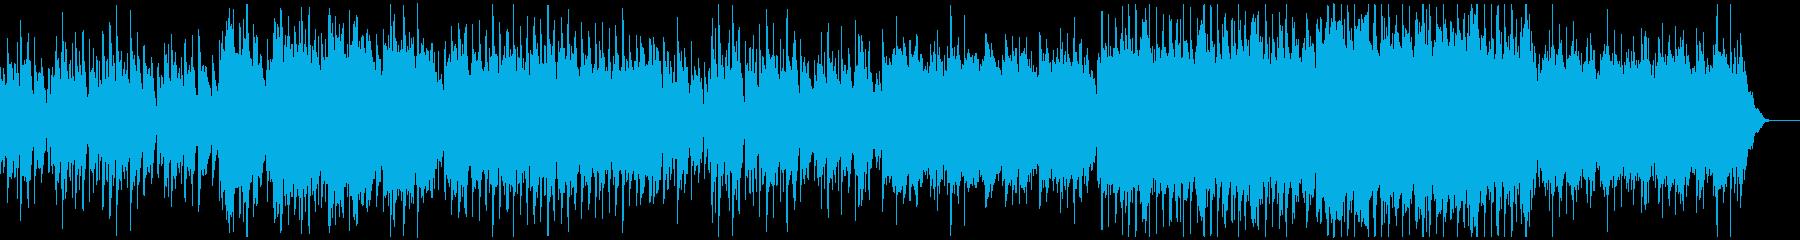 【リズム抜き】まったりとした和風BGMの再生済みの波形